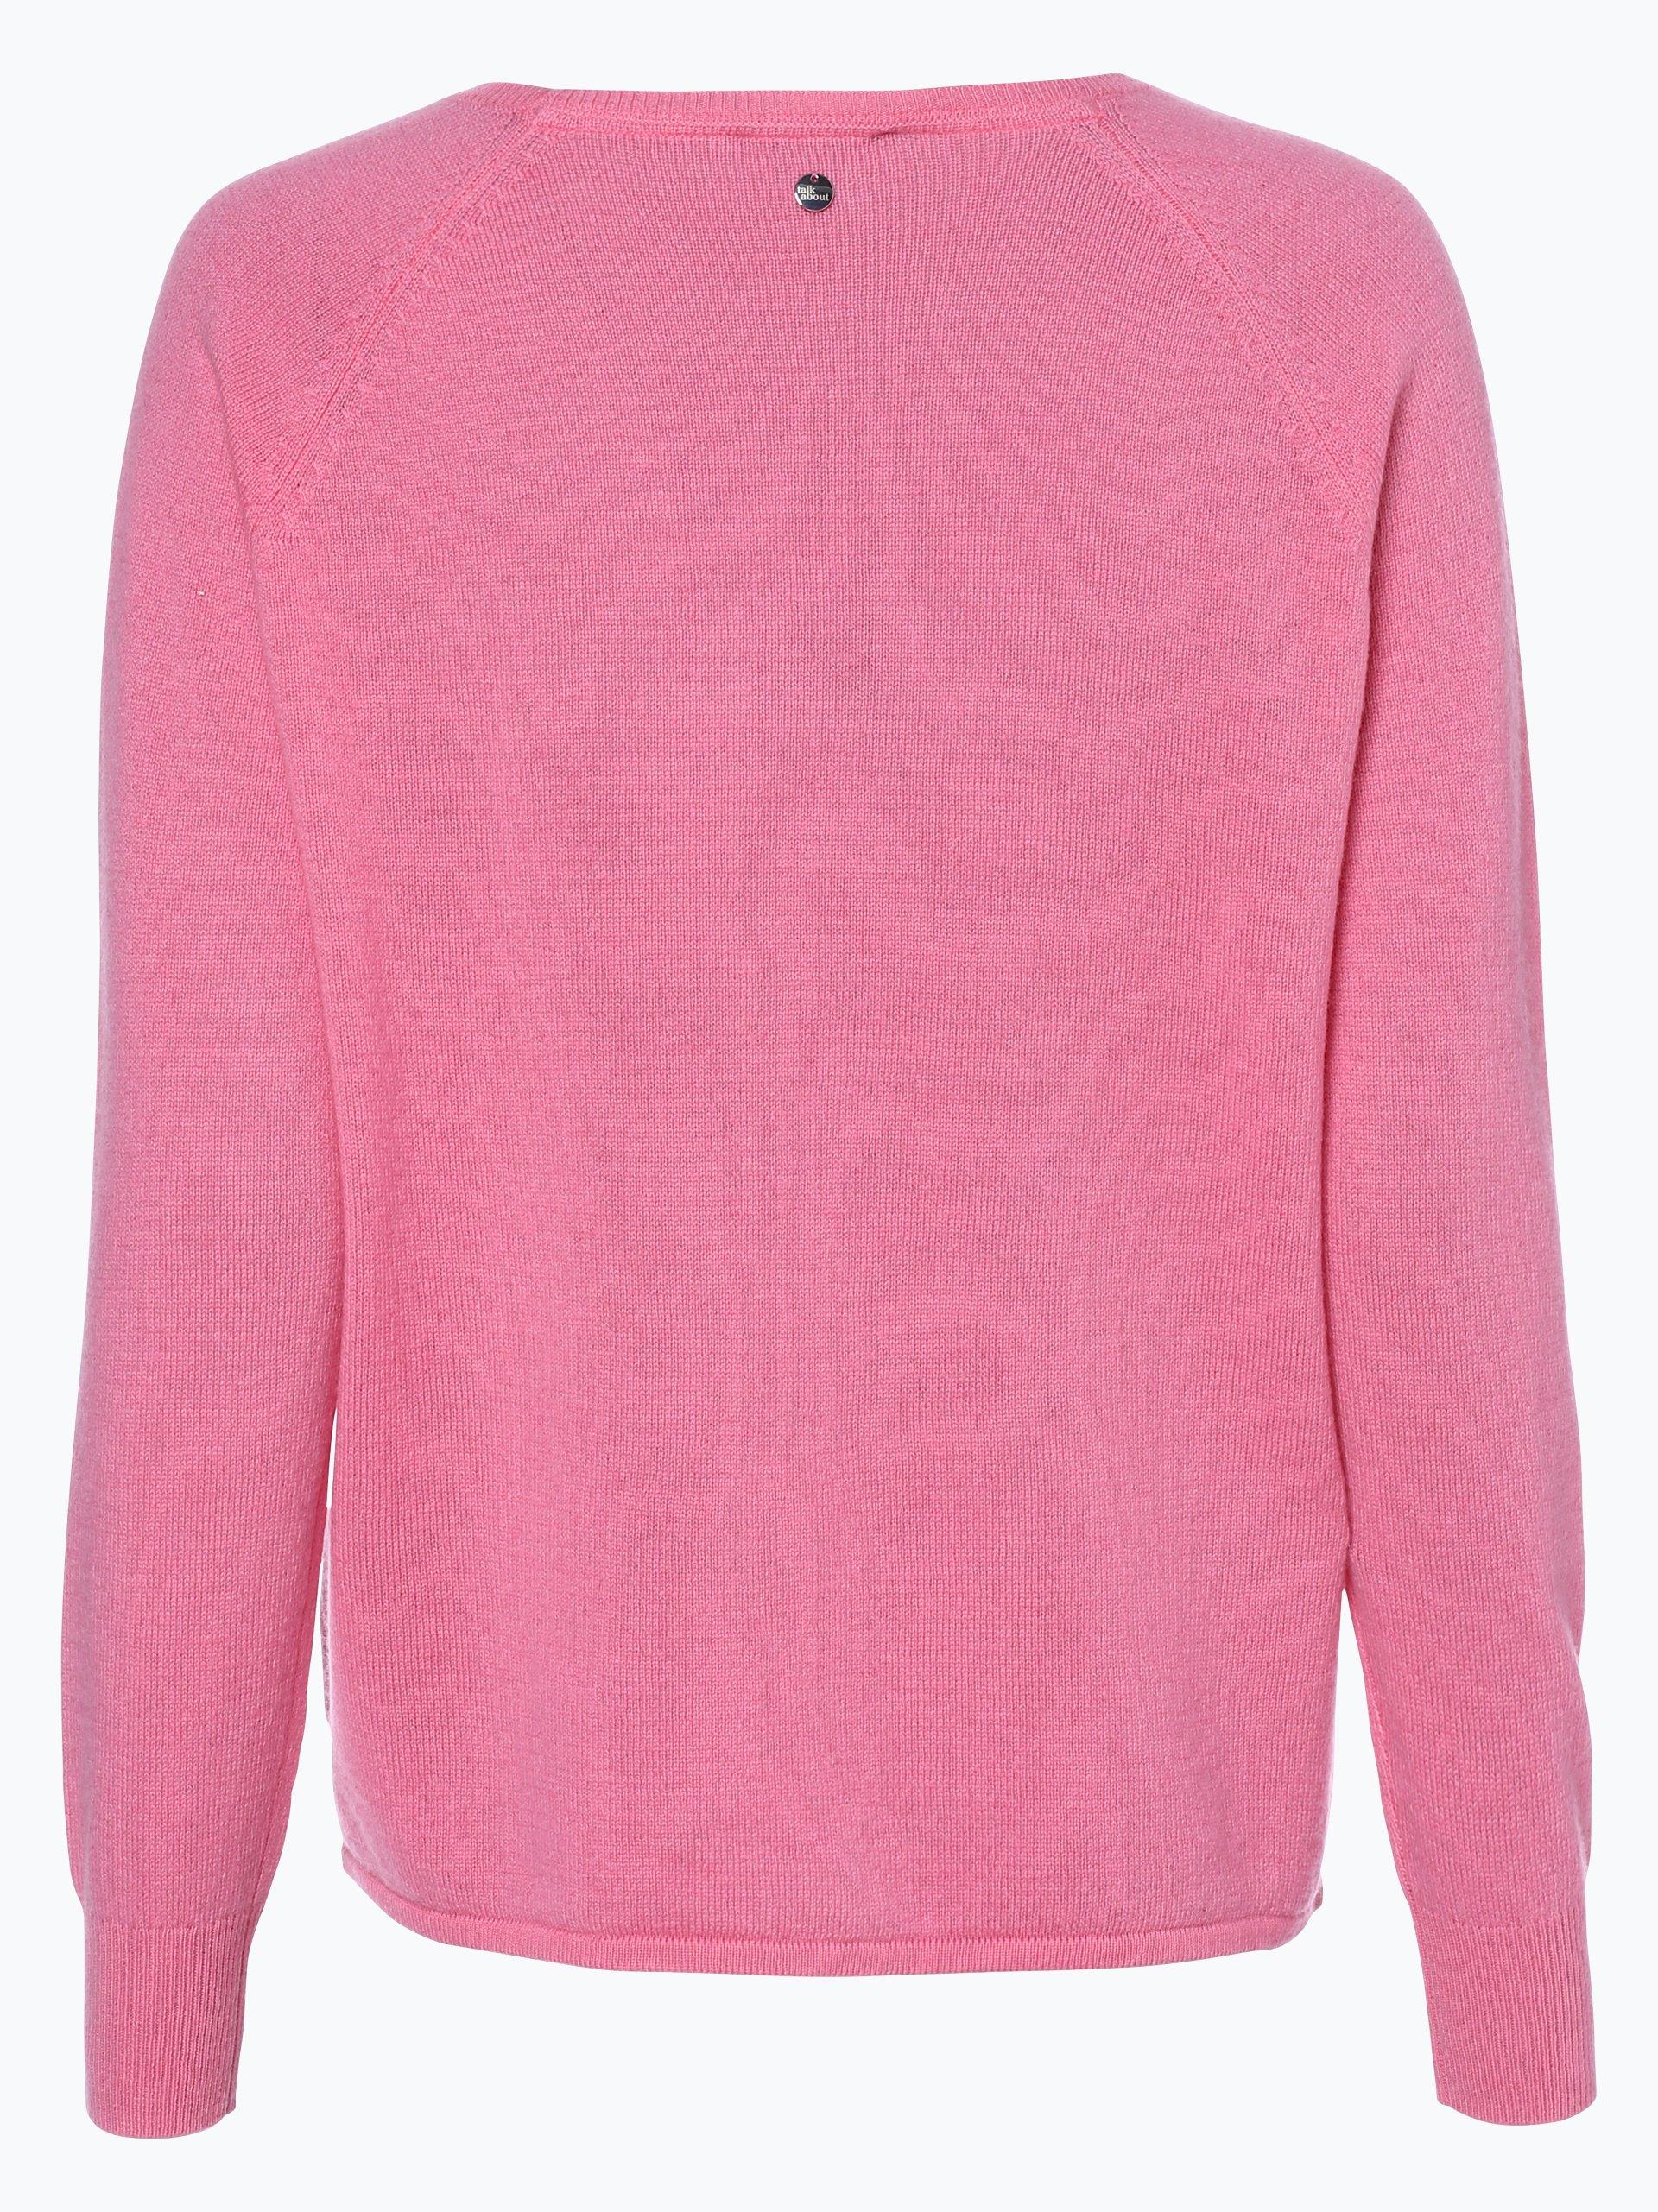 talk about damen pullover mit cashmere anteil rosa uni online kaufen vangraaf com. Black Bedroom Furniture Sets. Home Design Ideas